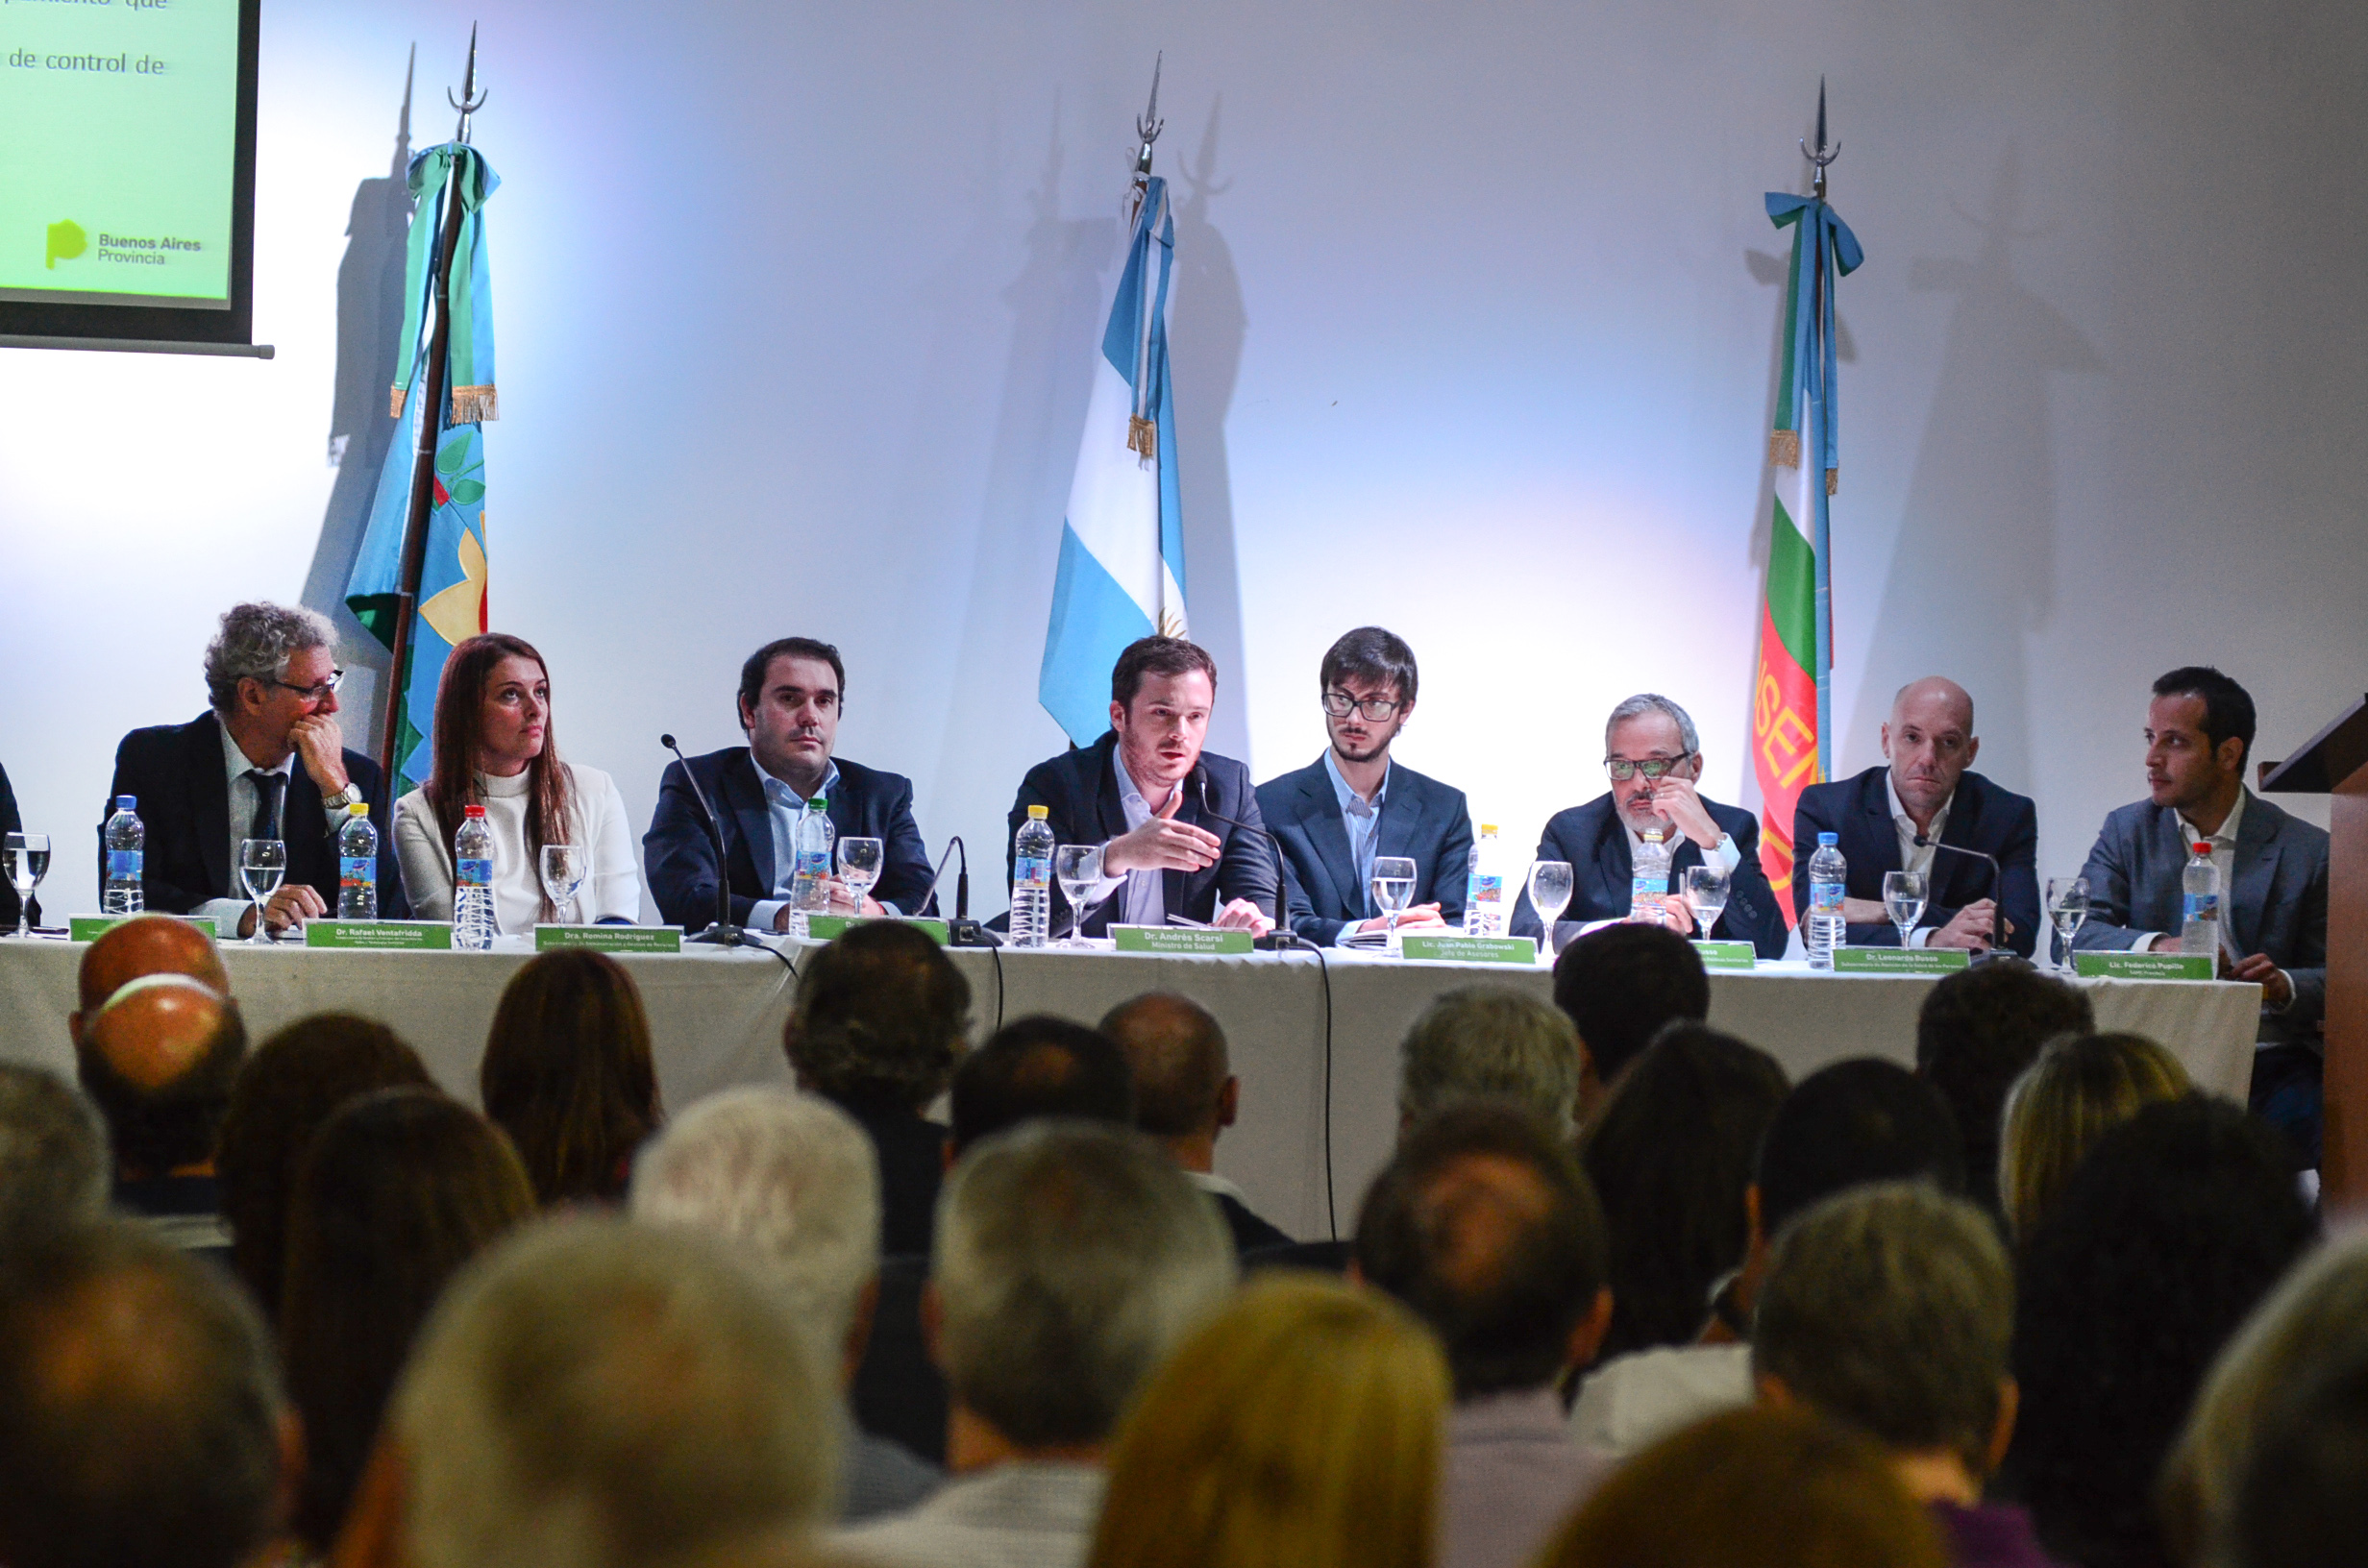 El ministro de salud Andrés Scarsi proyecta para el 2018 nuevas guardias y expansión del SAME en la provincia